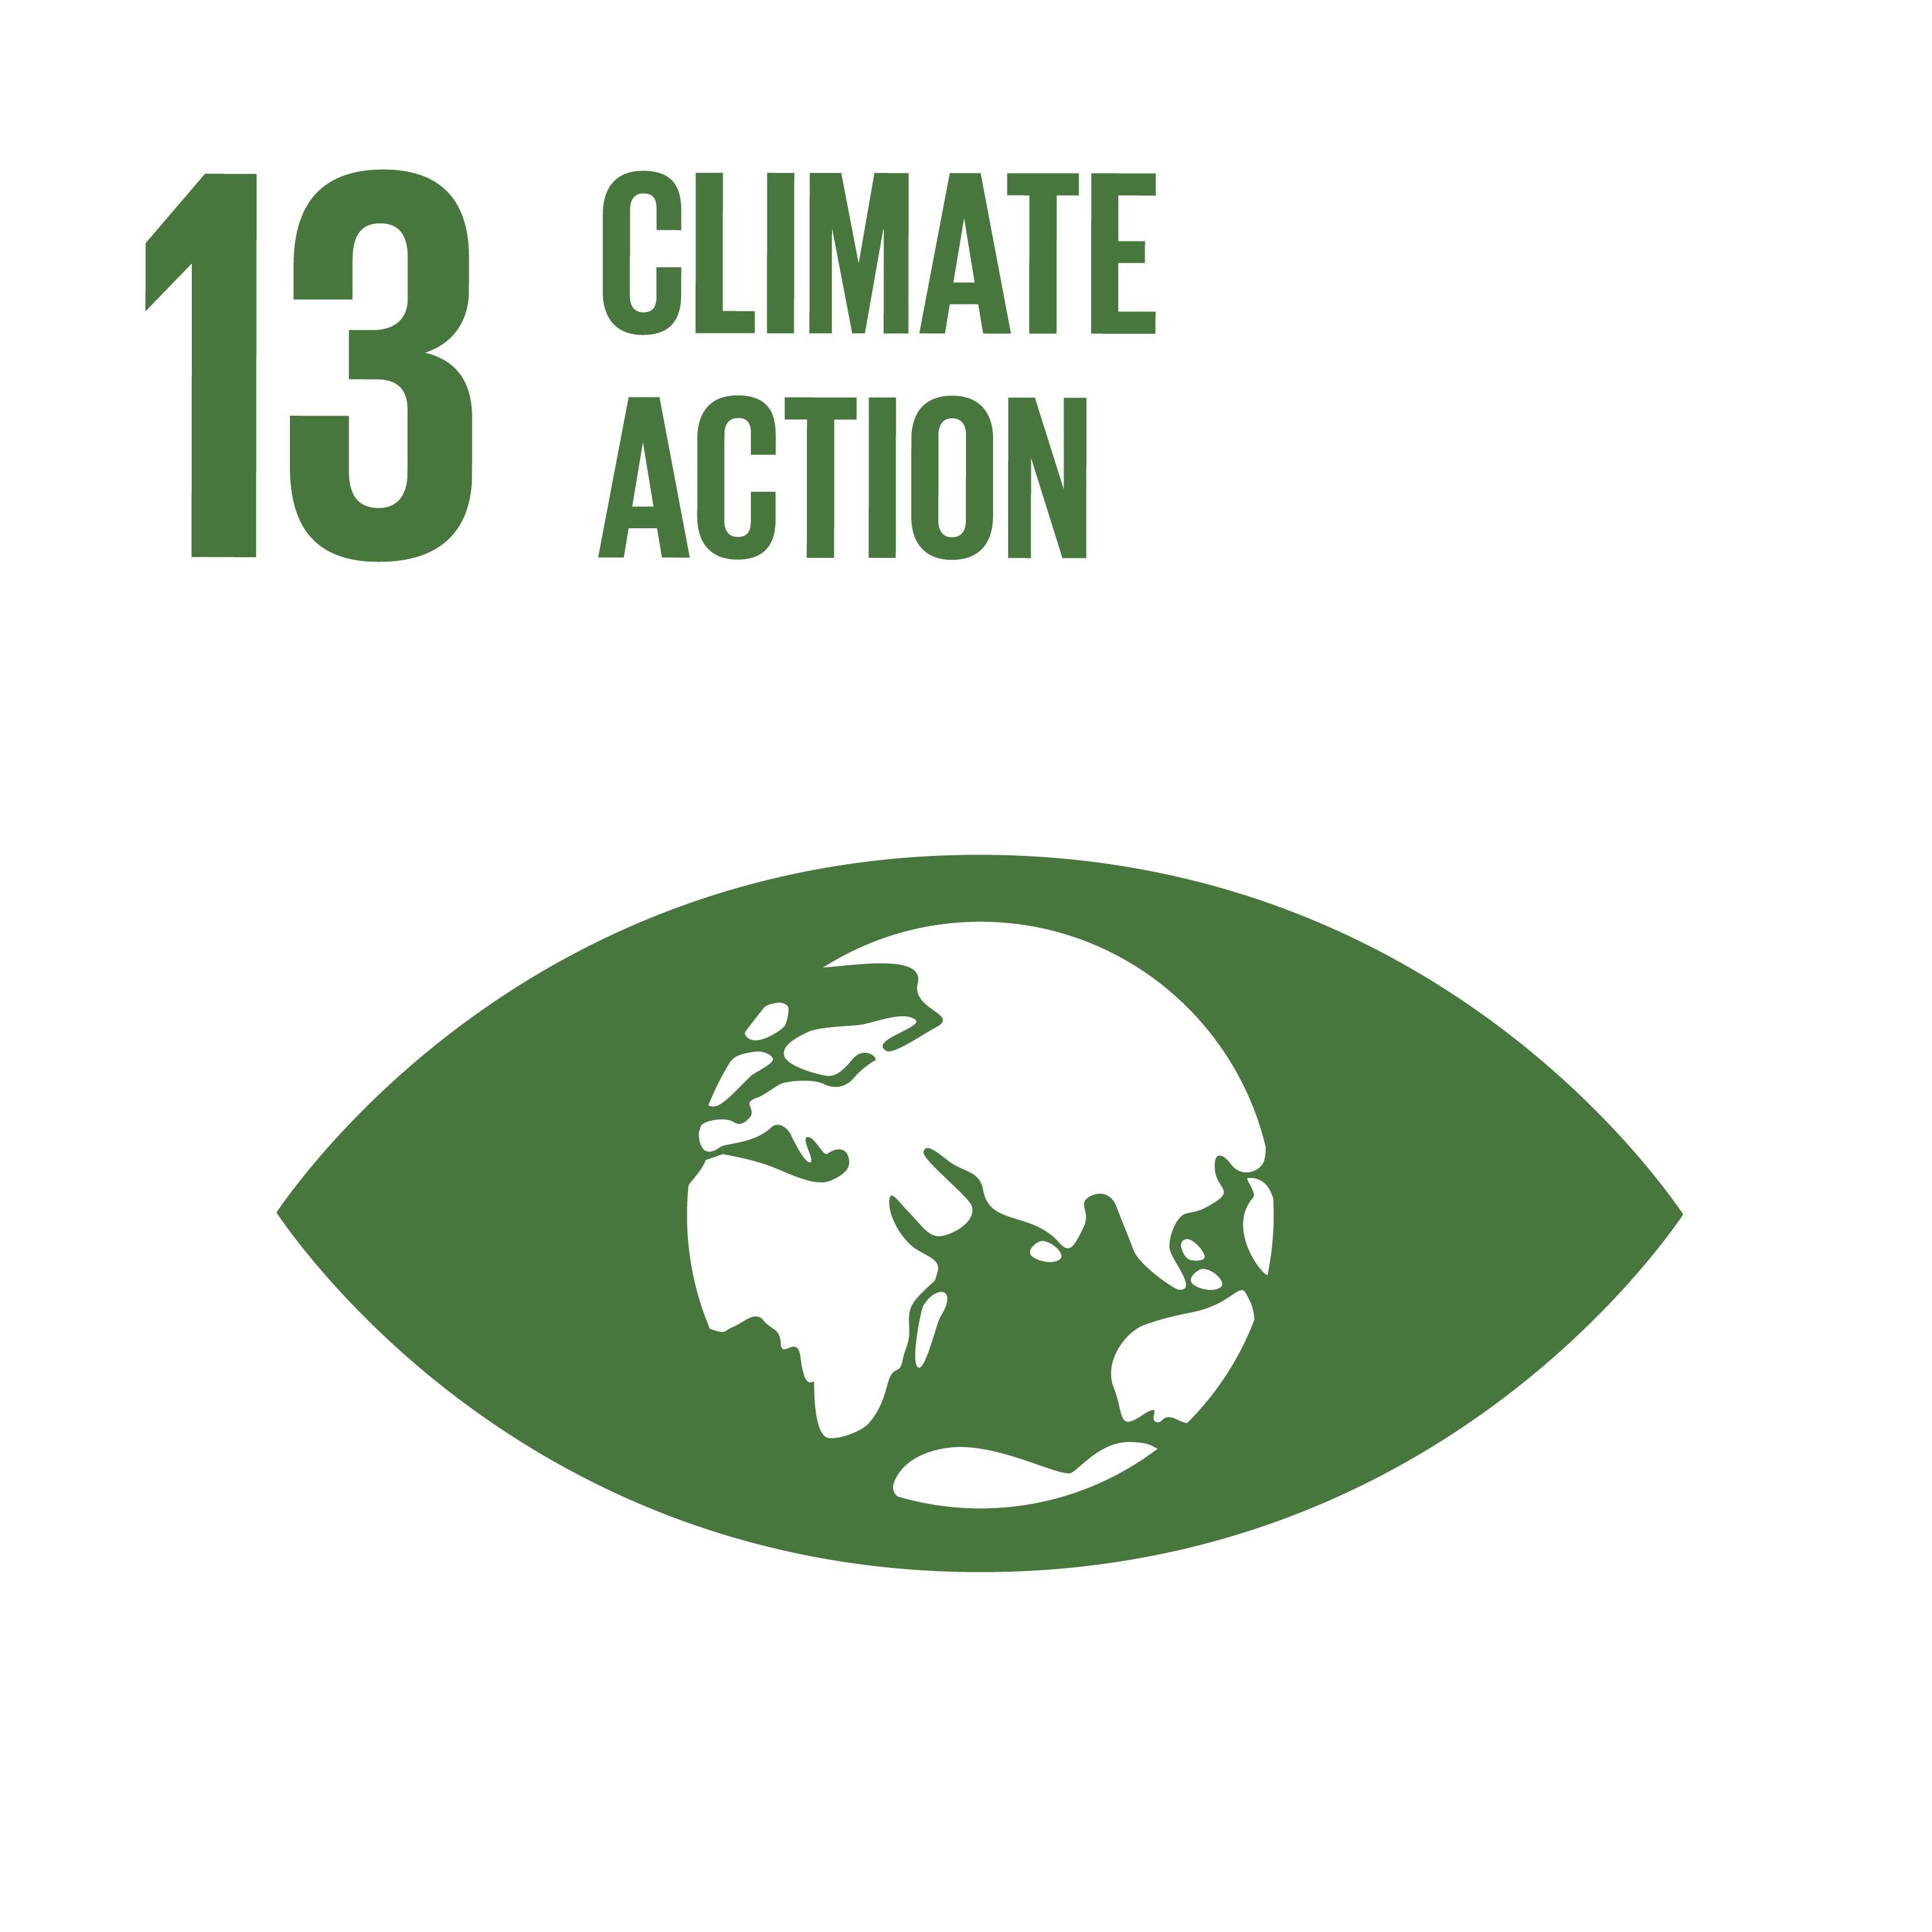 Image SDG 13; © UN